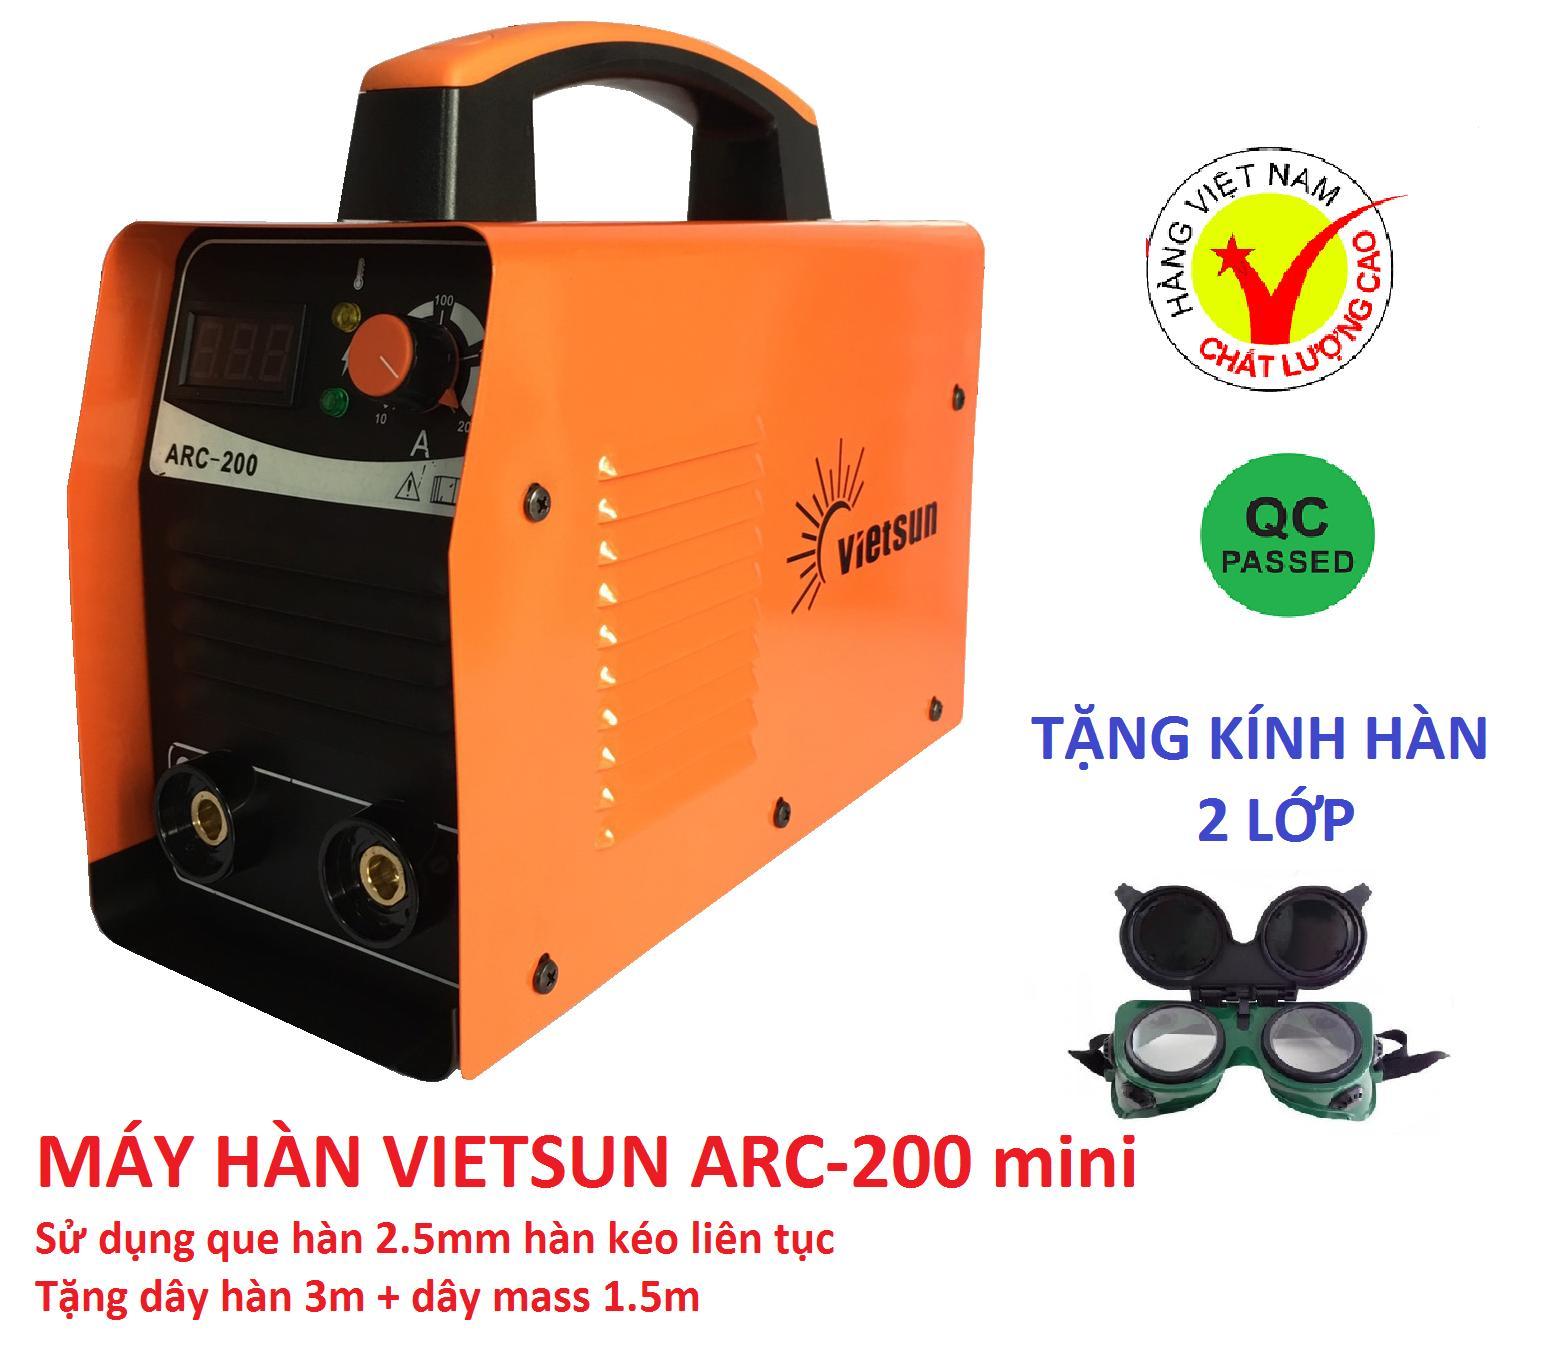 máy hàn Vietsun arc200 mini, máy hàn điện tử, máy hàn que, máy hàn mini, vietsun, hàn điện tử, kinh hàn, may han dien tu, phụ kiện hàn